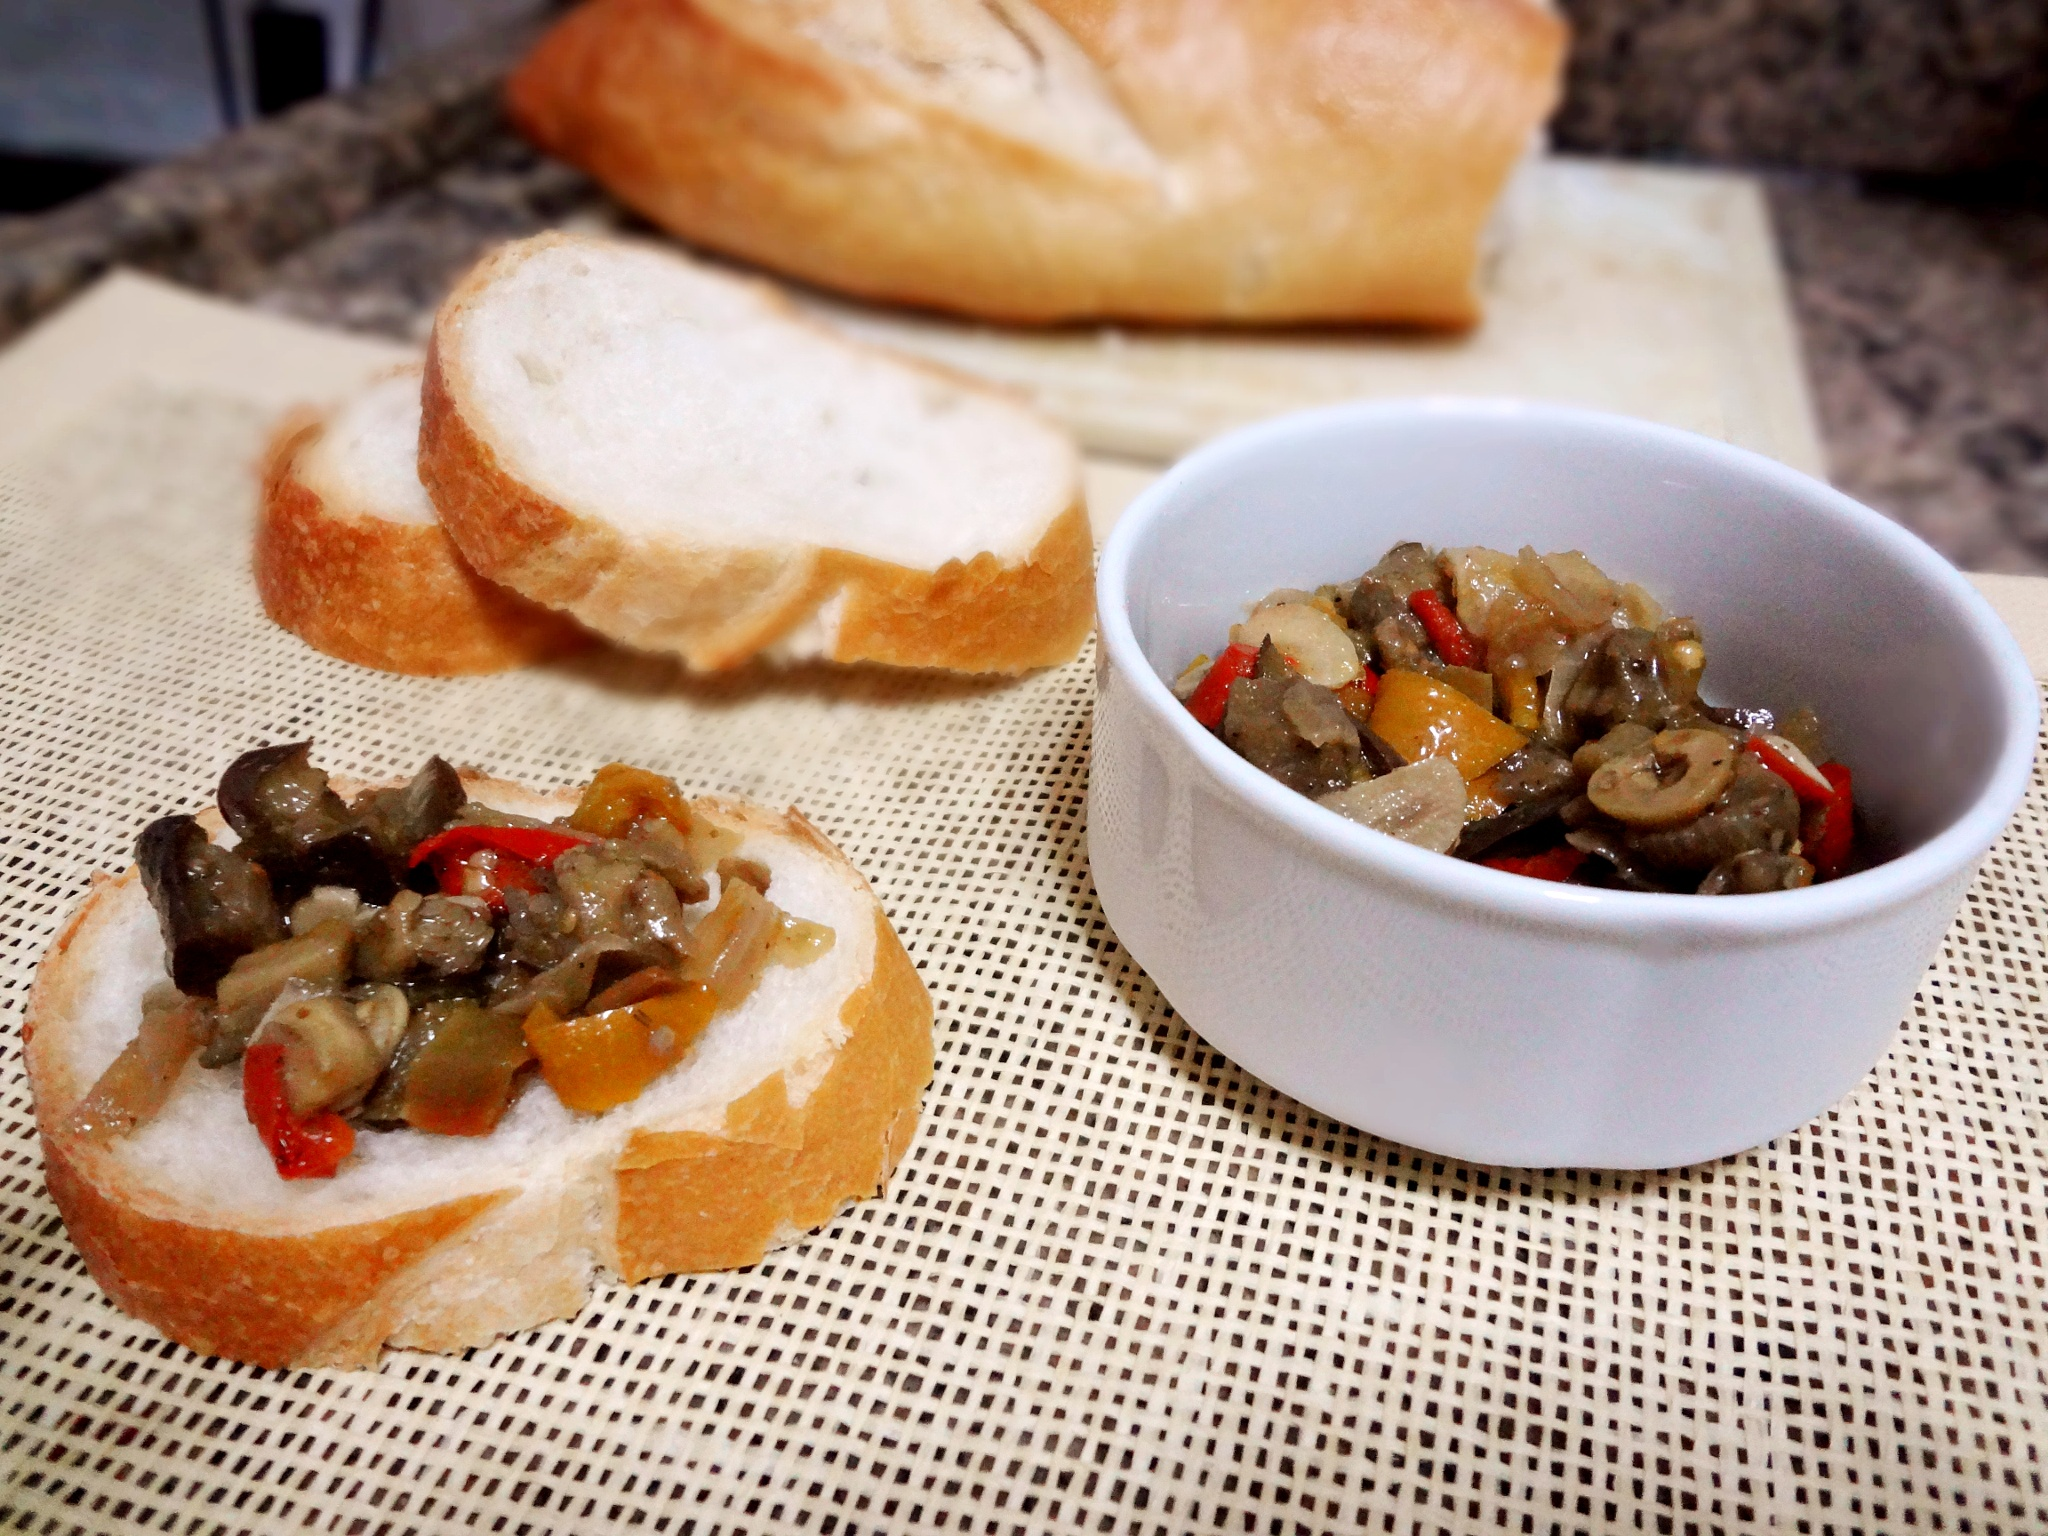 Caponata With Italian Bread by Paulo Cortez